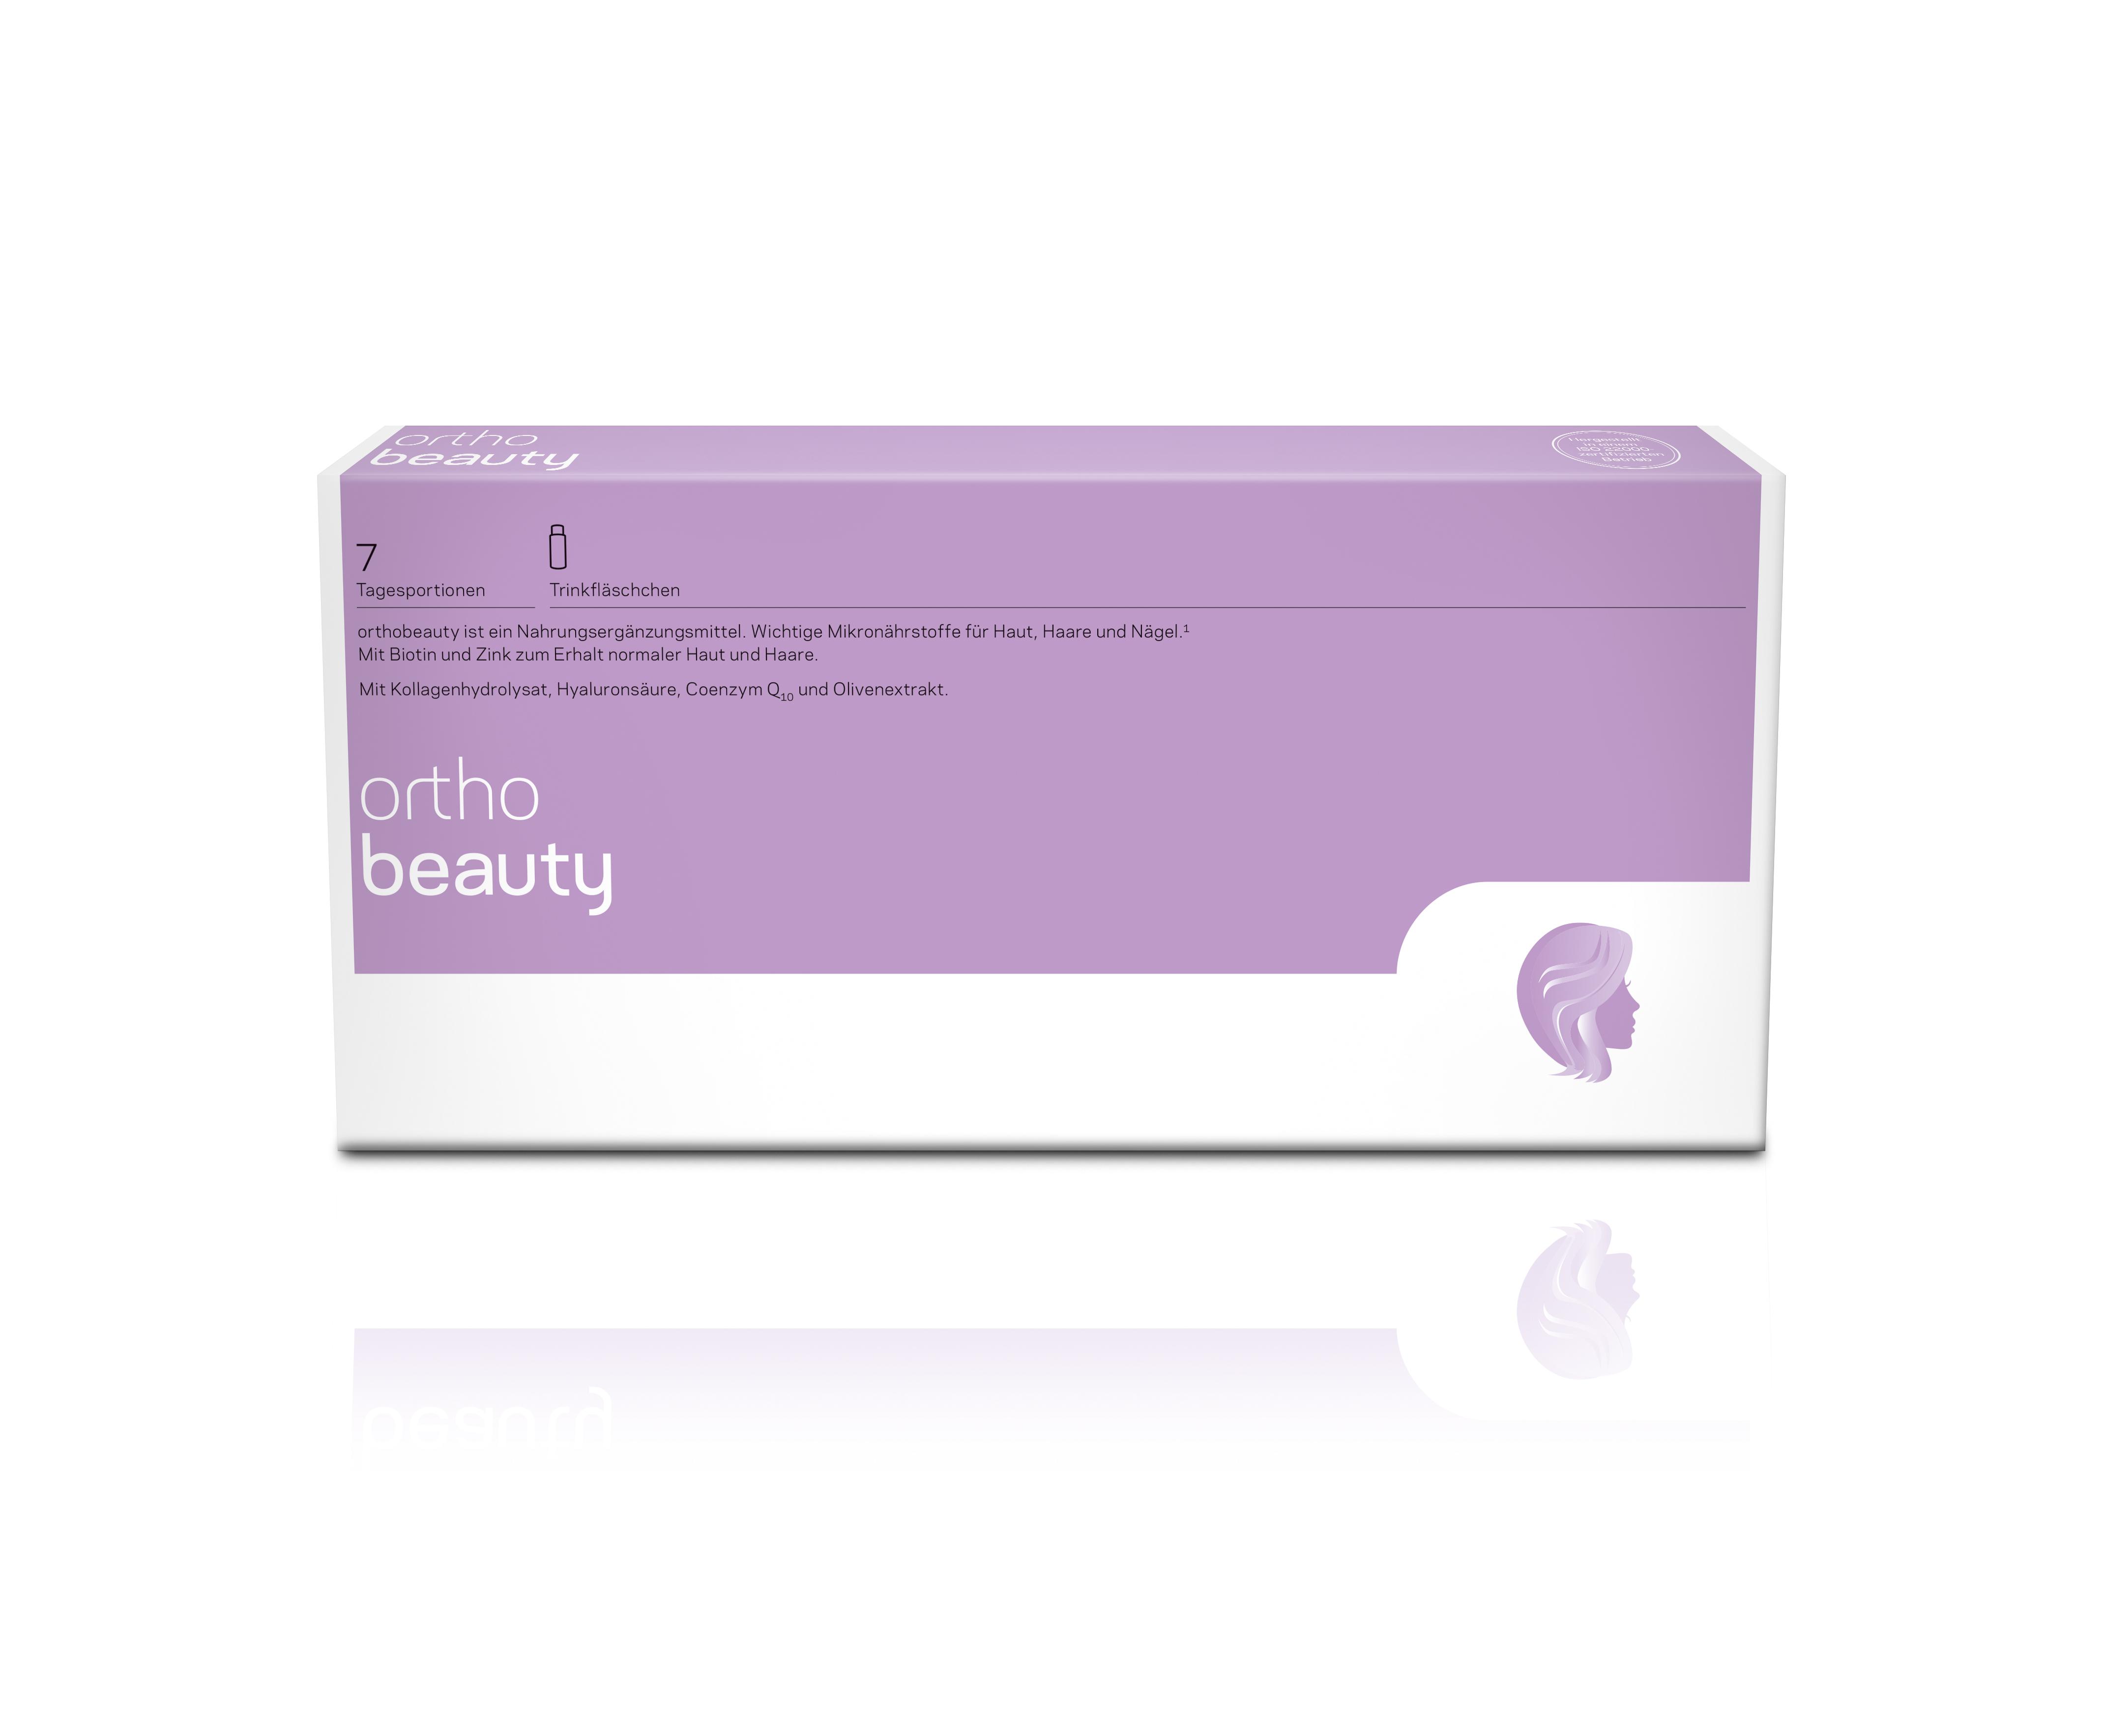 orthomed orthobeauty® 7 Trinkfläschchen à 20ml/22g (7x22g = 154g)